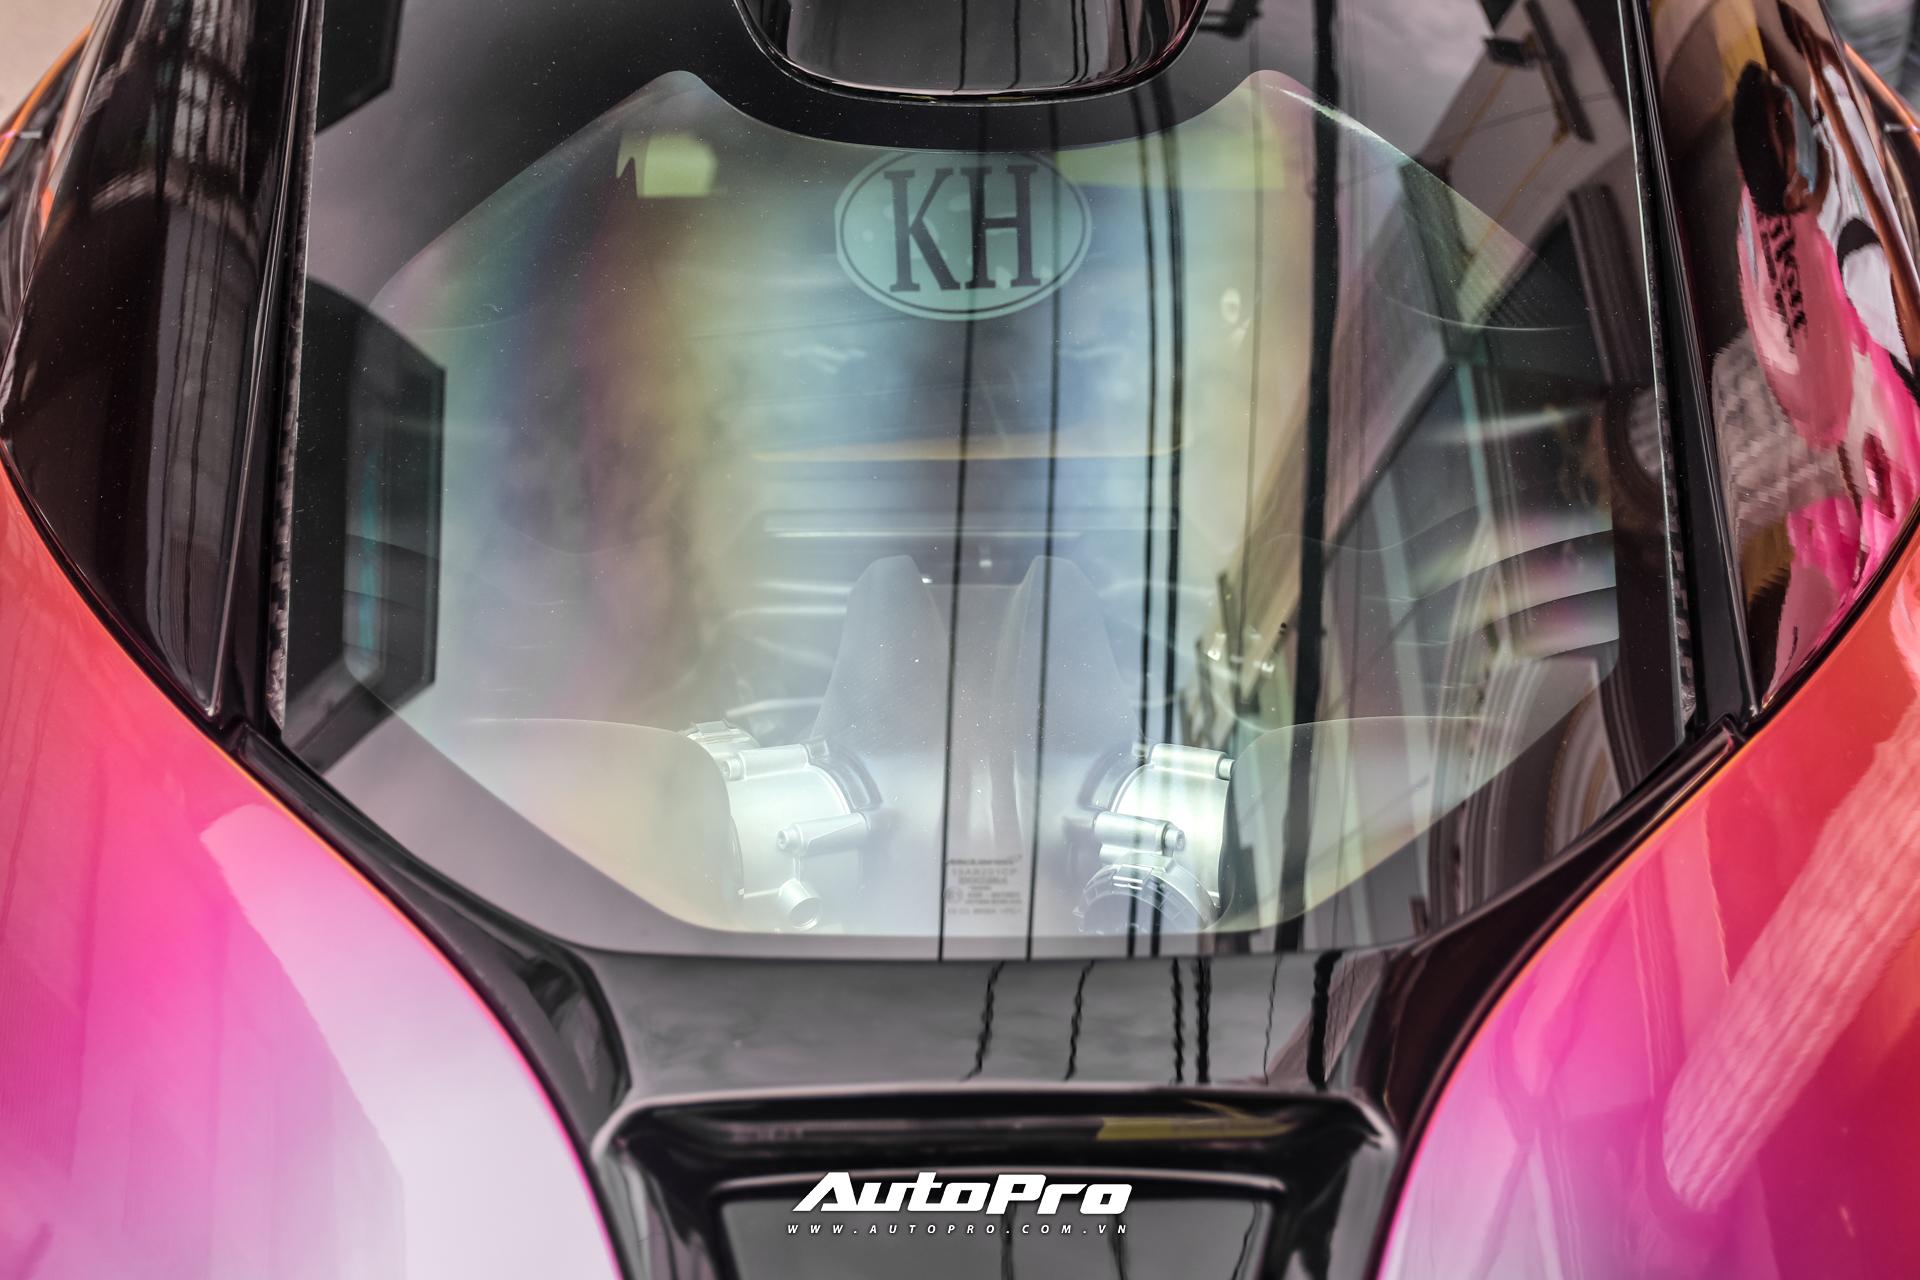 Về thông số kỹ thuật, McLaren Senna sử dụng động cơ đặt giữa, loại V8 4.0L tăng áp kép, cho ra công suất 789 mã lực và mô-men xoắn 800 Nm. Hộp số tự động 7 cấp ly hợp kép và dẫn động cầu sau. Mẫu xe hyper-car Anh Quốc có khả năng tăng tốc 0-100 km/h trong 2,8 giây, tốc độ tối đa 335 km/h.